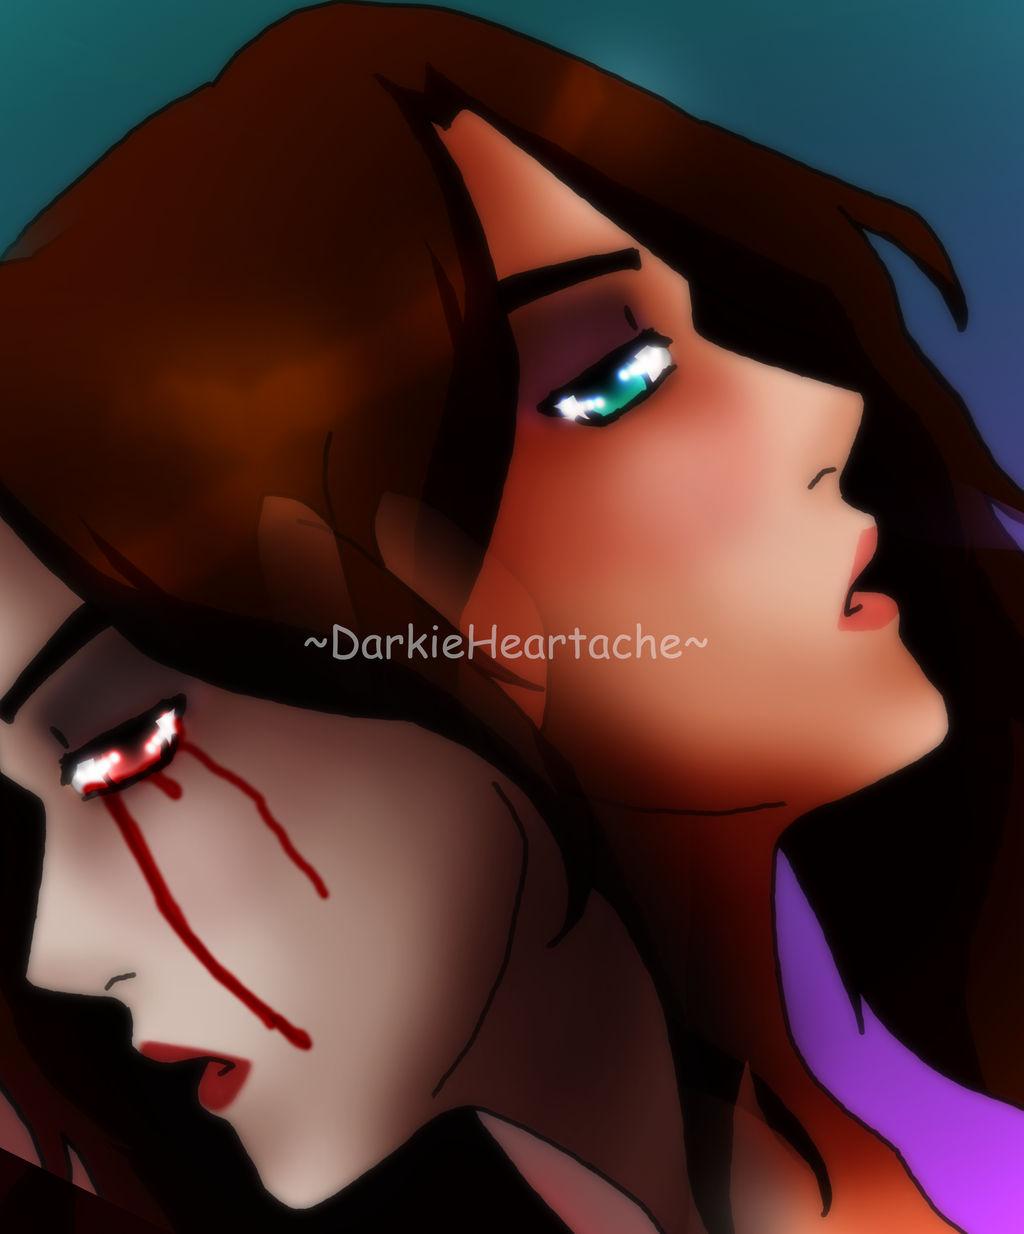 DarkieHeartache's Profile Picture